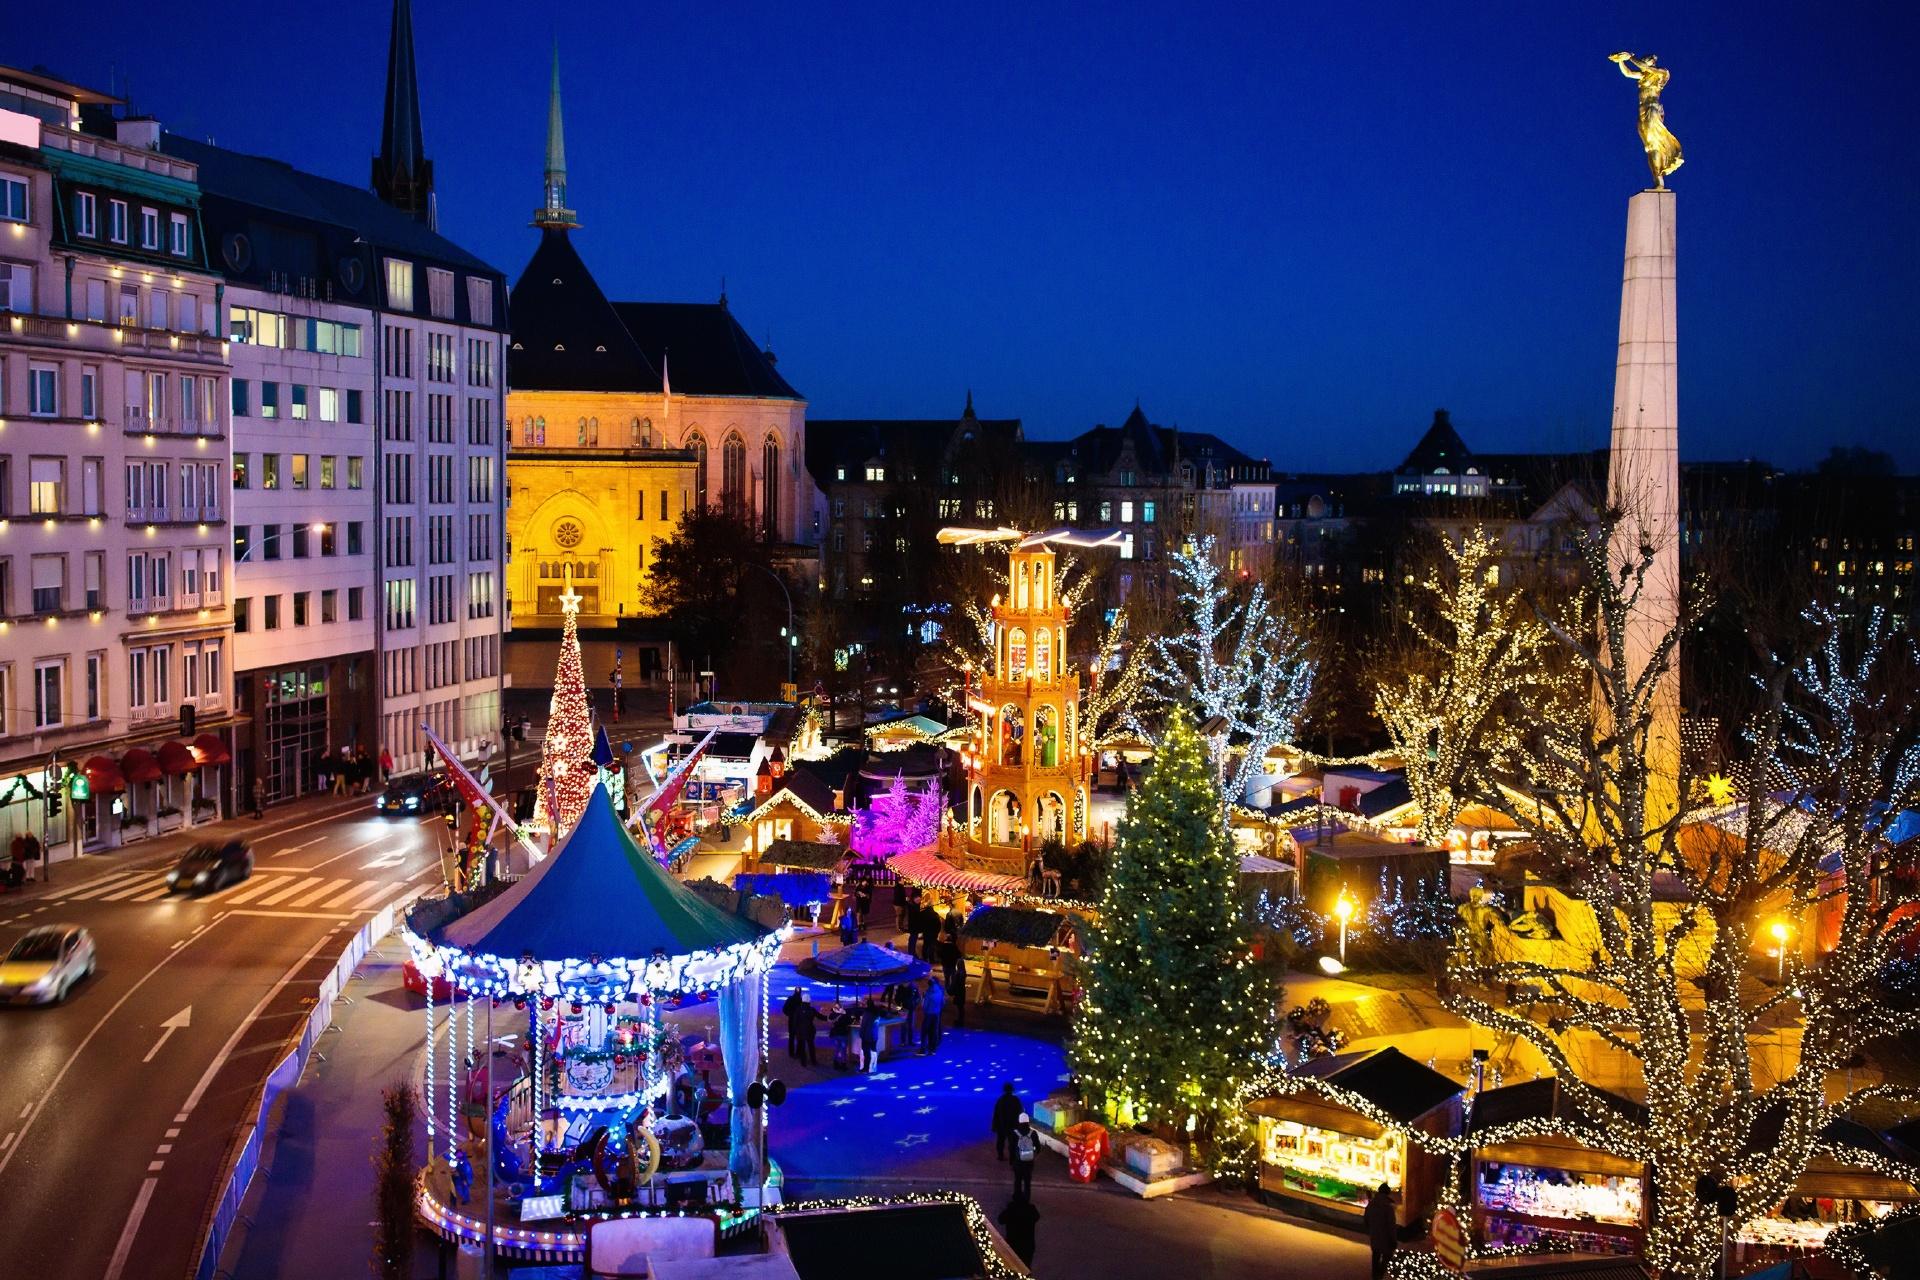 ルクセンブルクのクリスマス ルクセンブルクの風景